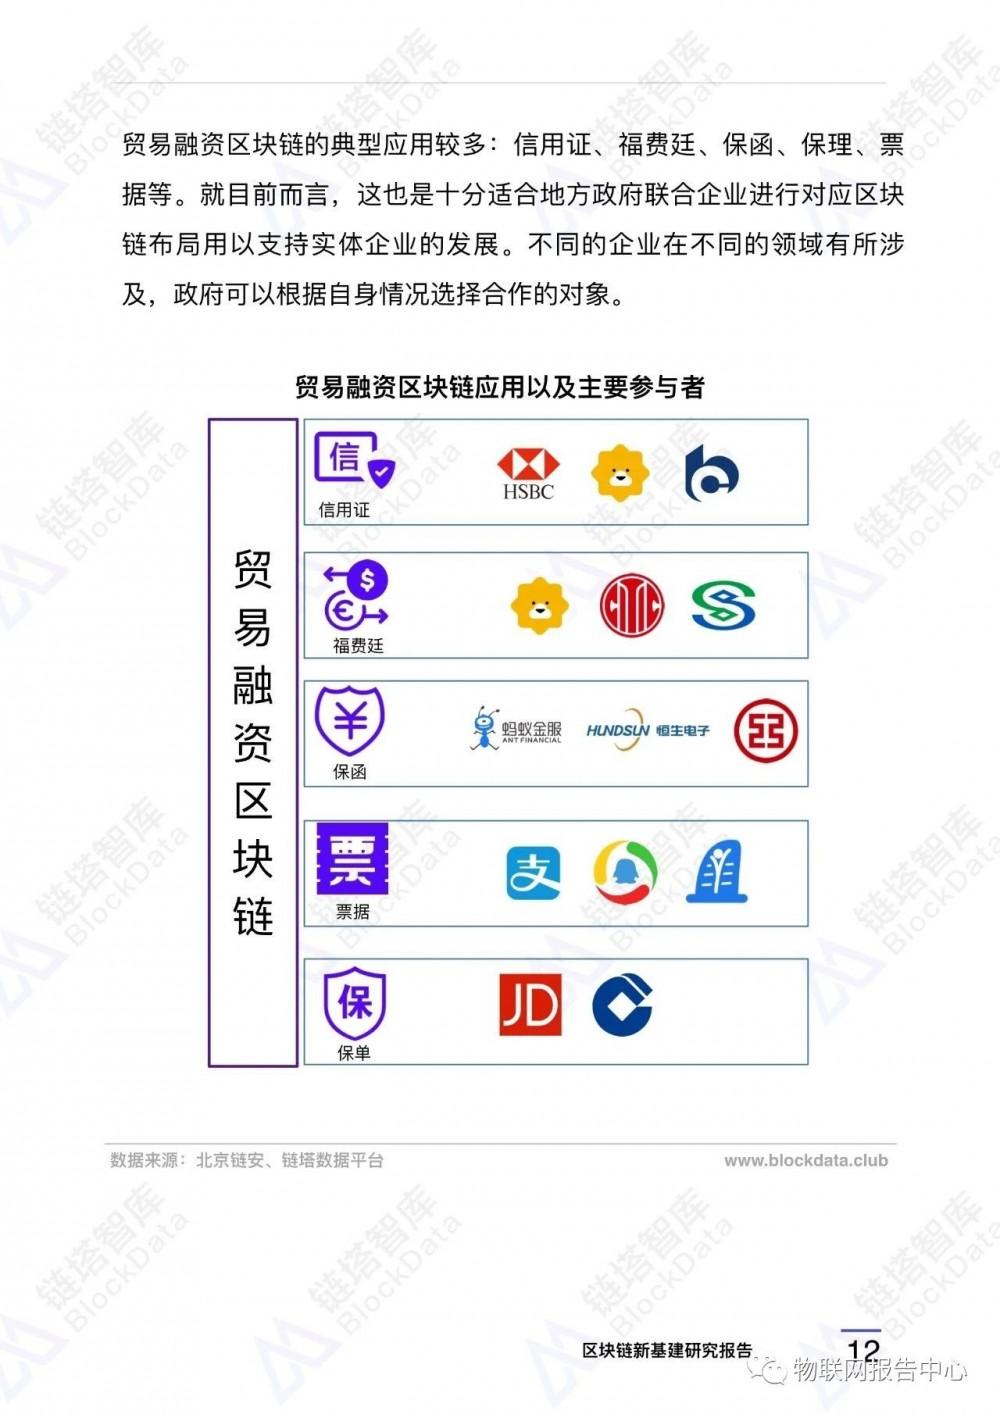 区块链应用之九:中国新基建区块链重点项目配图(15)